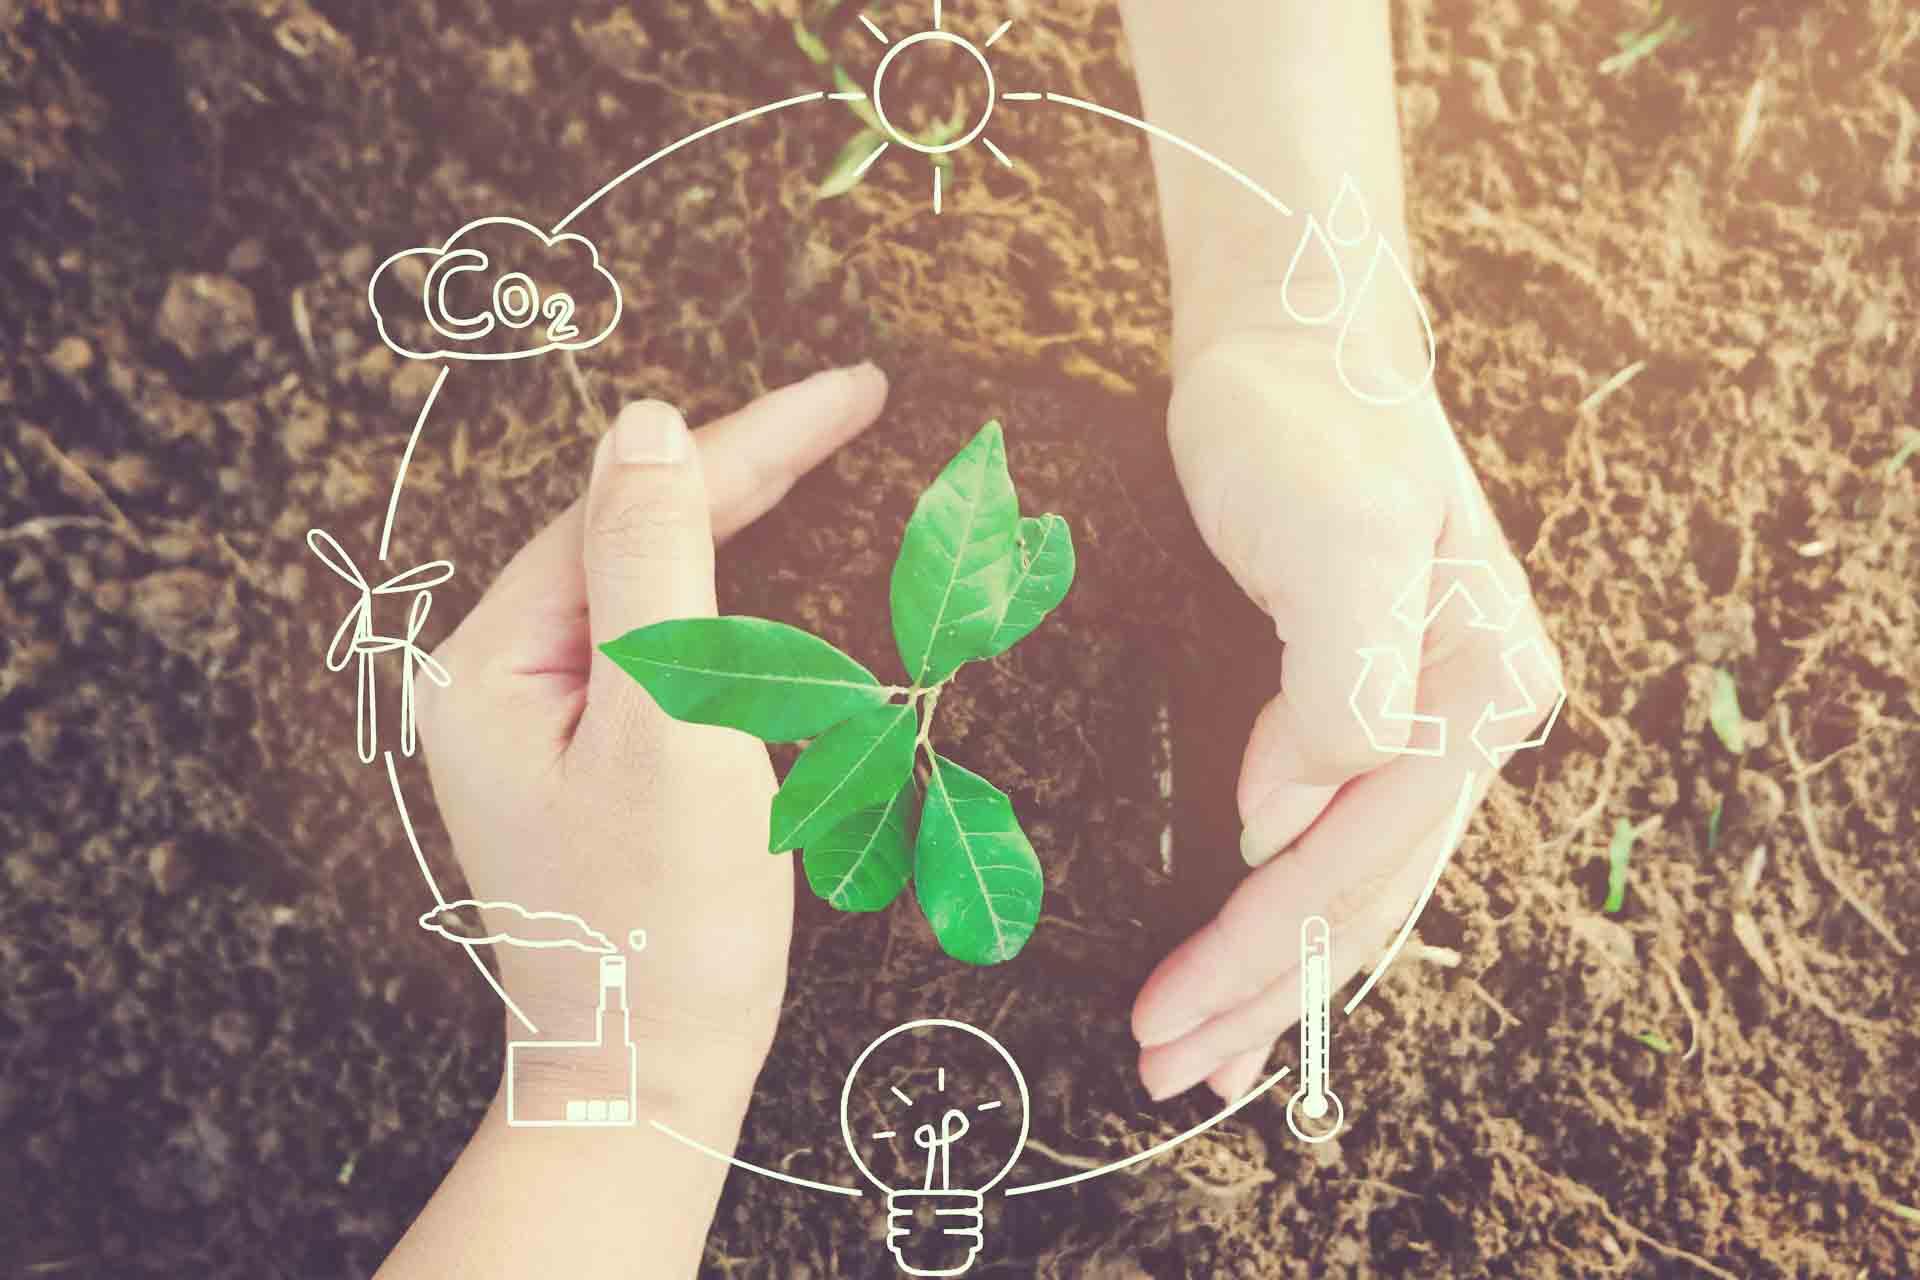 Descubre el foro Cuenca Business Market y da alas a tu negocio sostenible